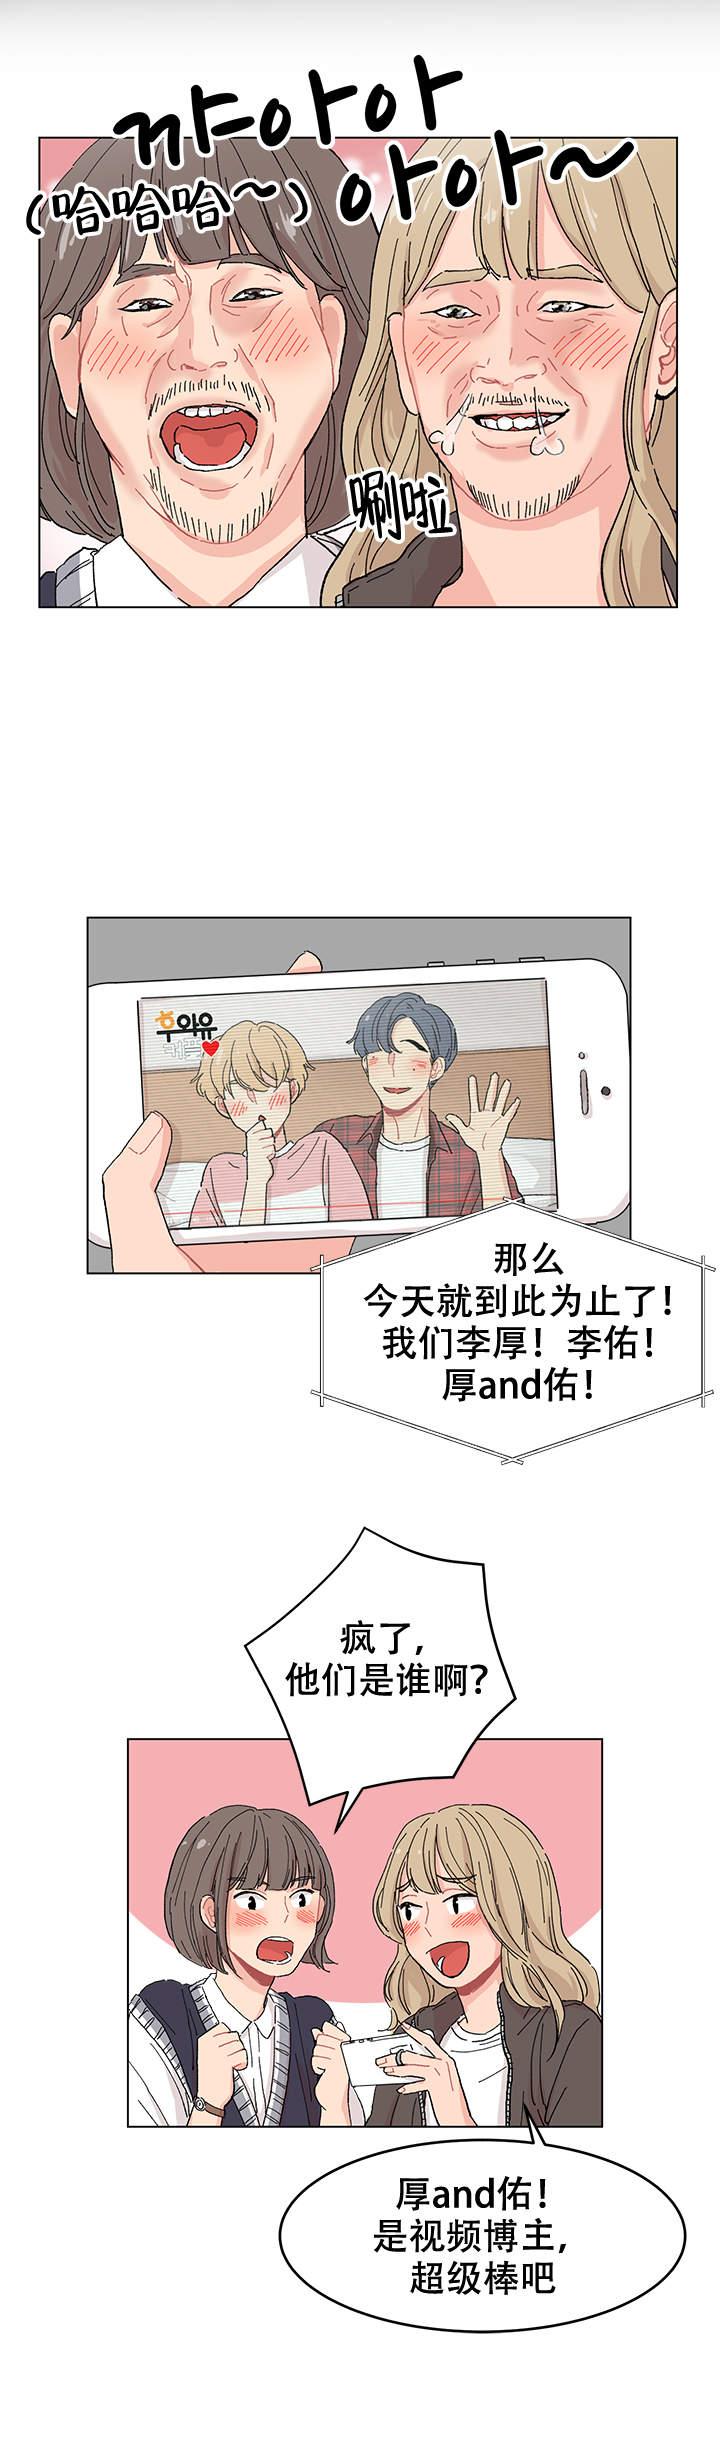 直播情侣-漫画完整版汉化_全集在线阅读-啵乐漫画